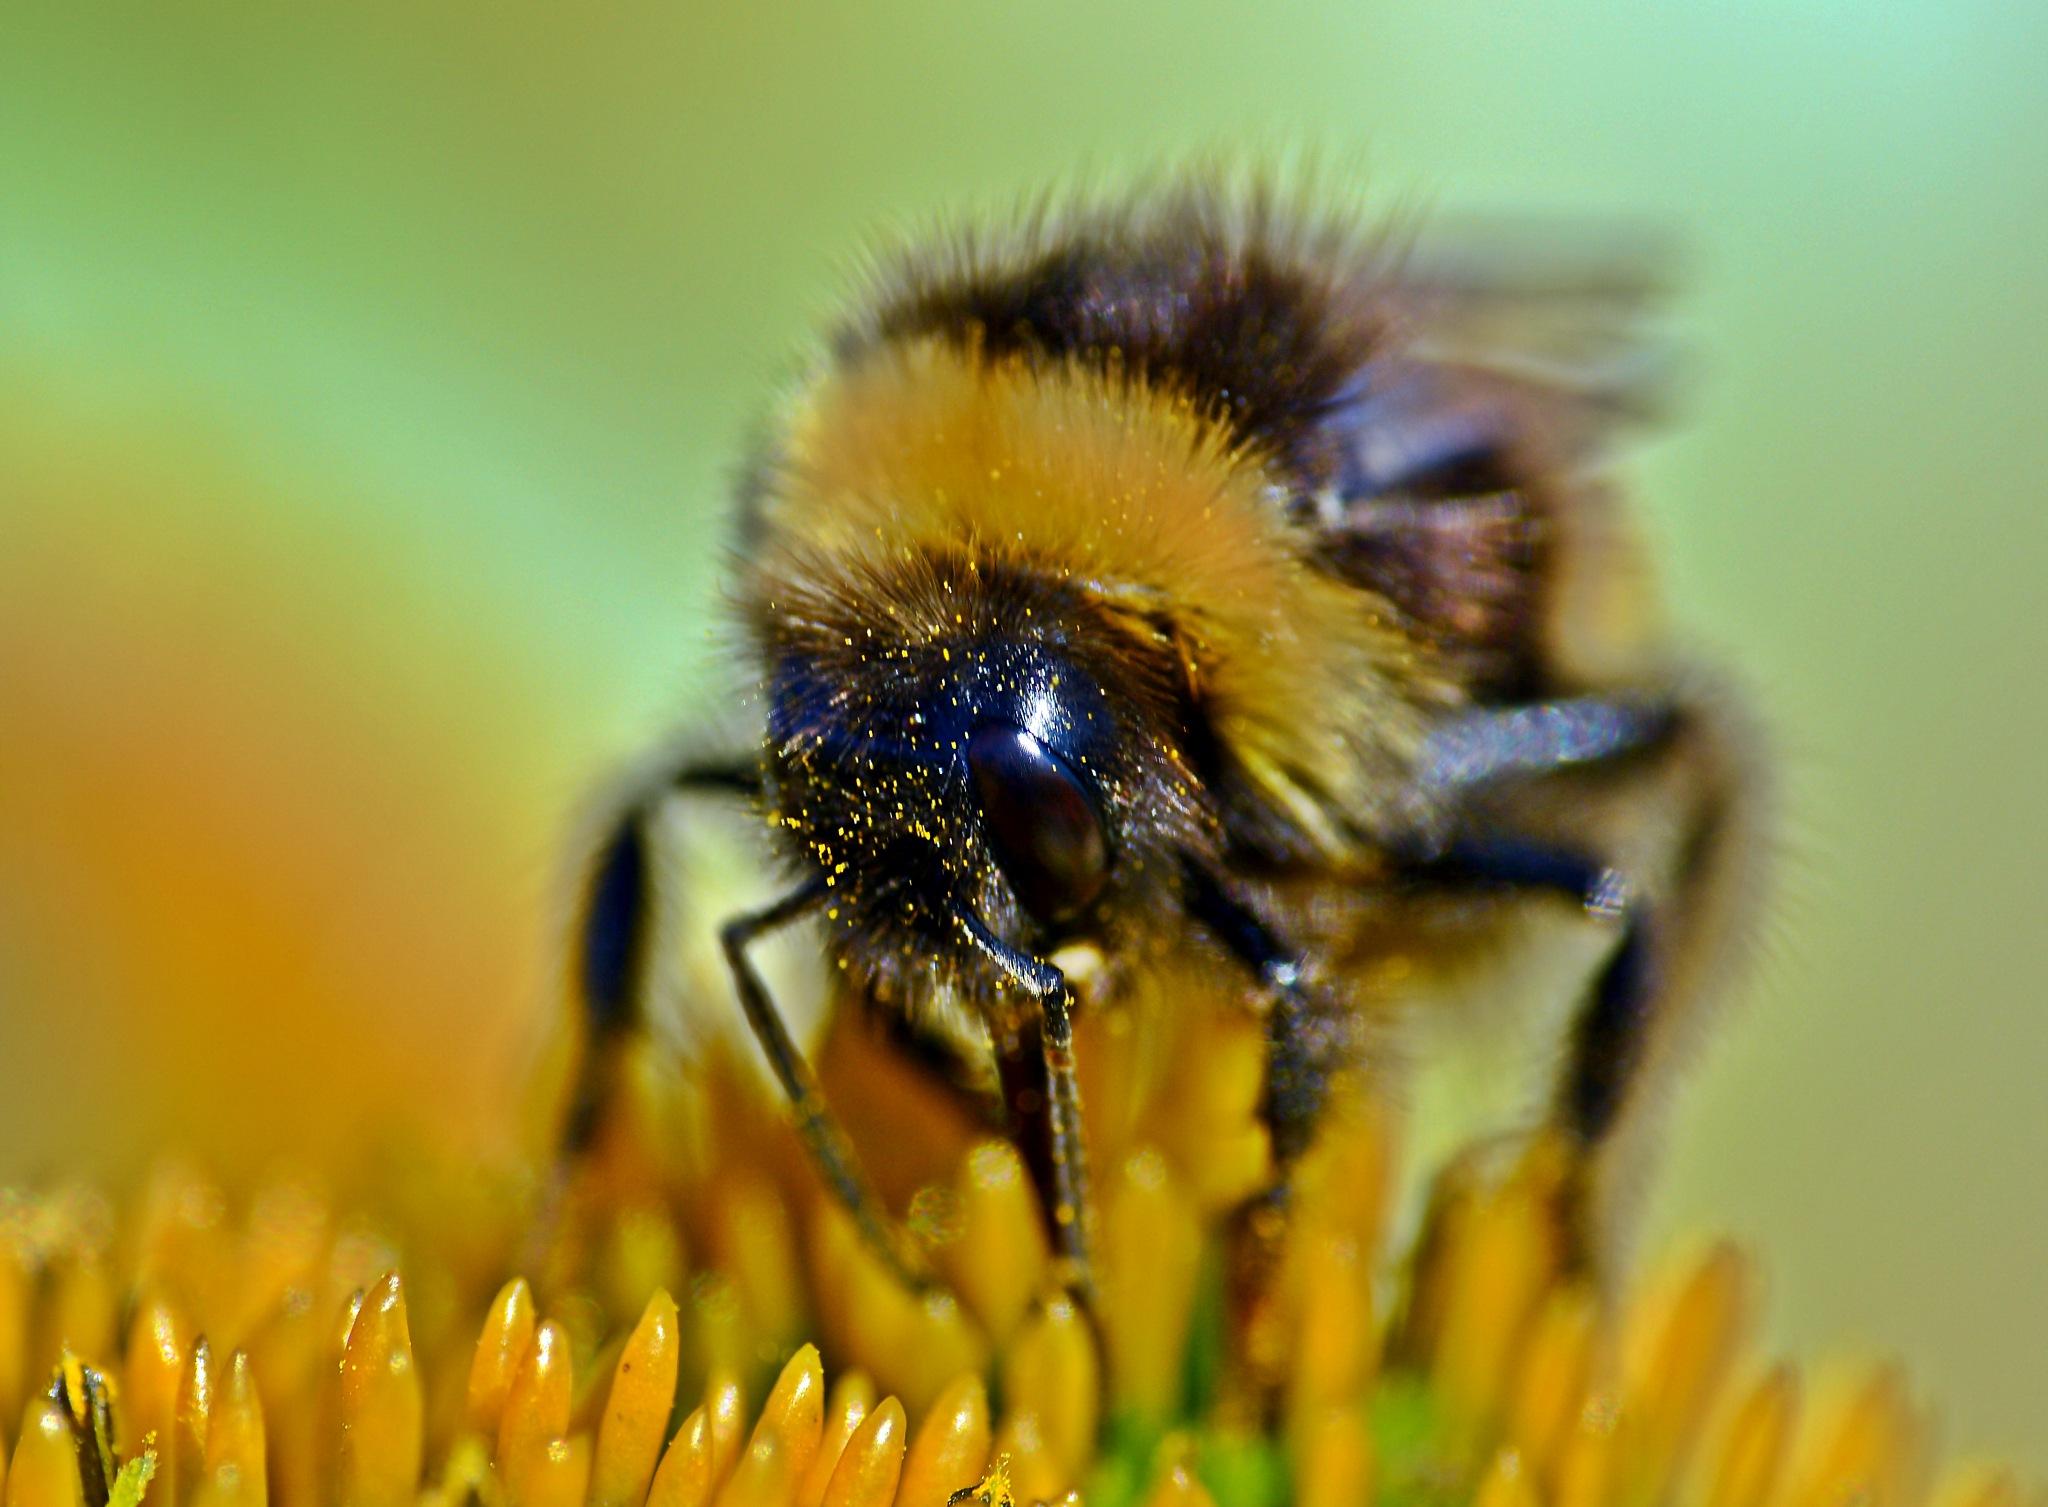 Honey bee by Turbo